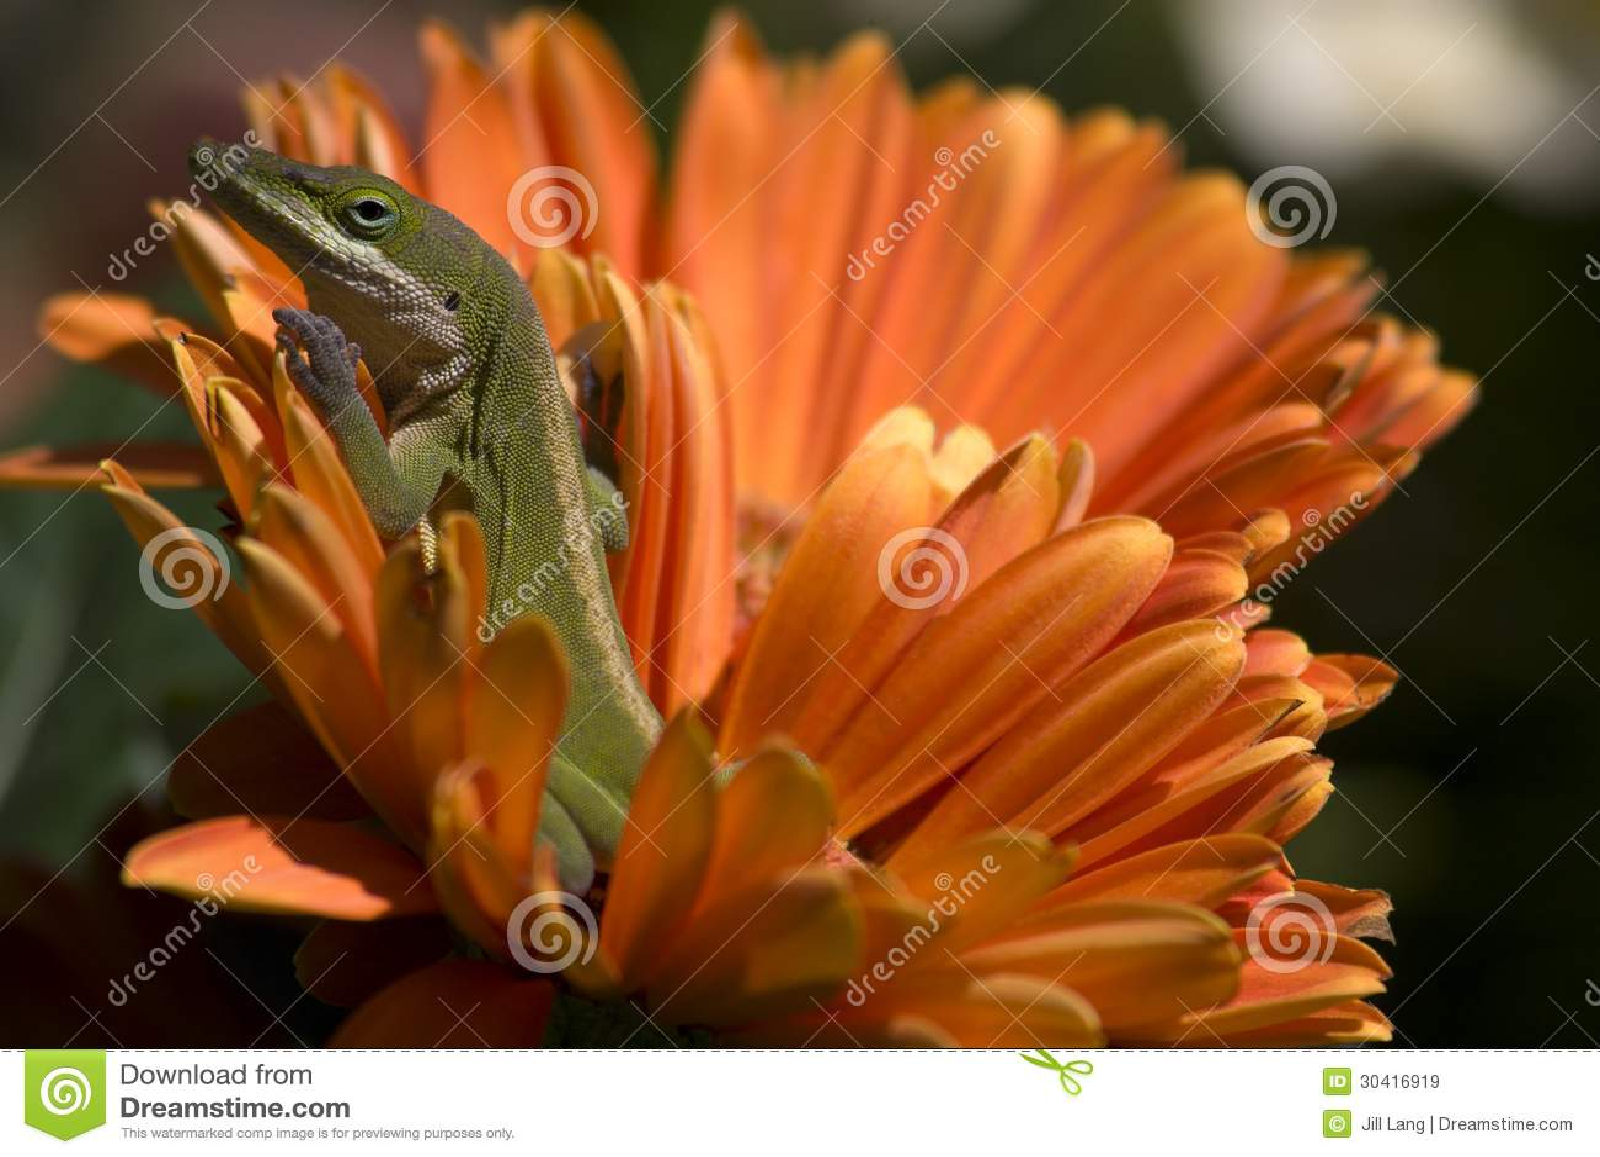 Eidechse auf Blume